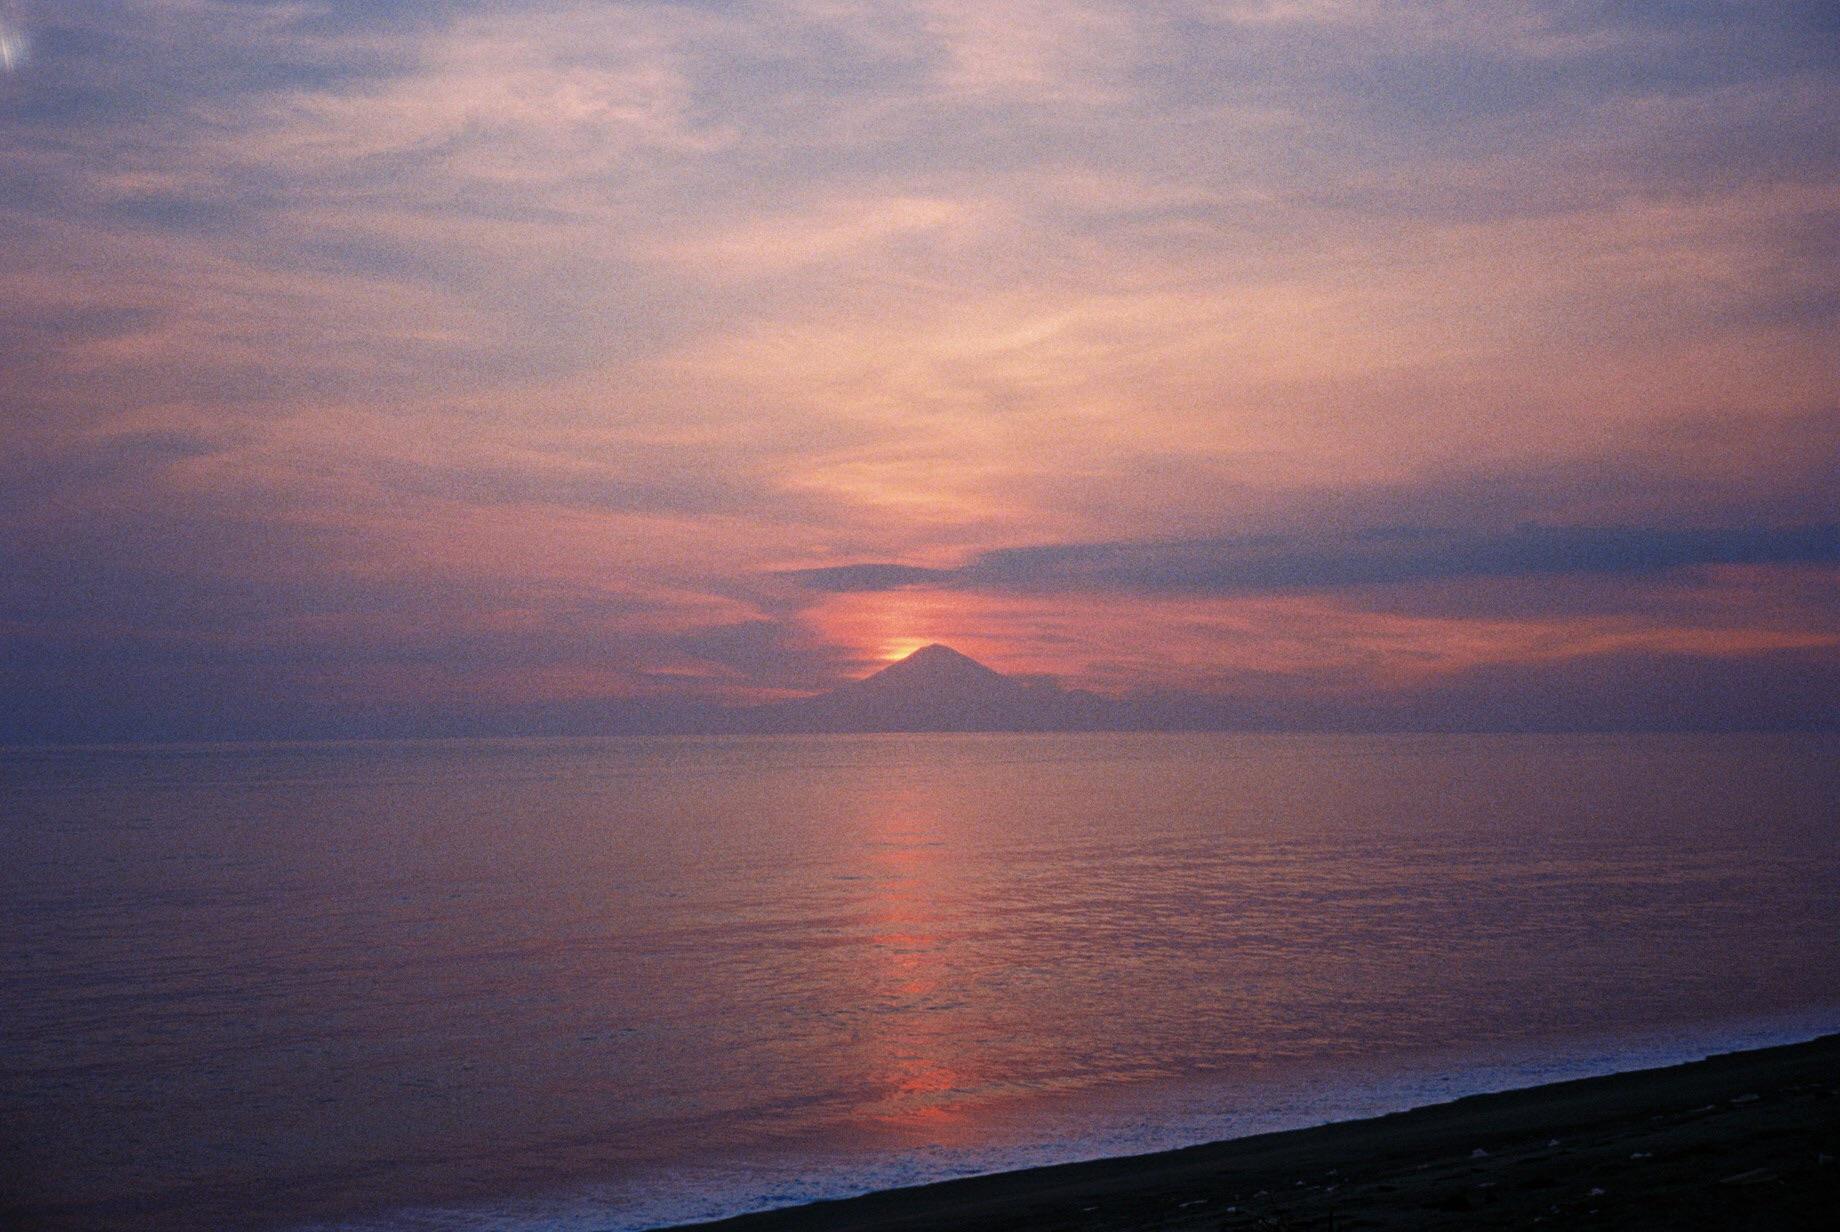 バリ島のアグン山に沈む太陽をみながら